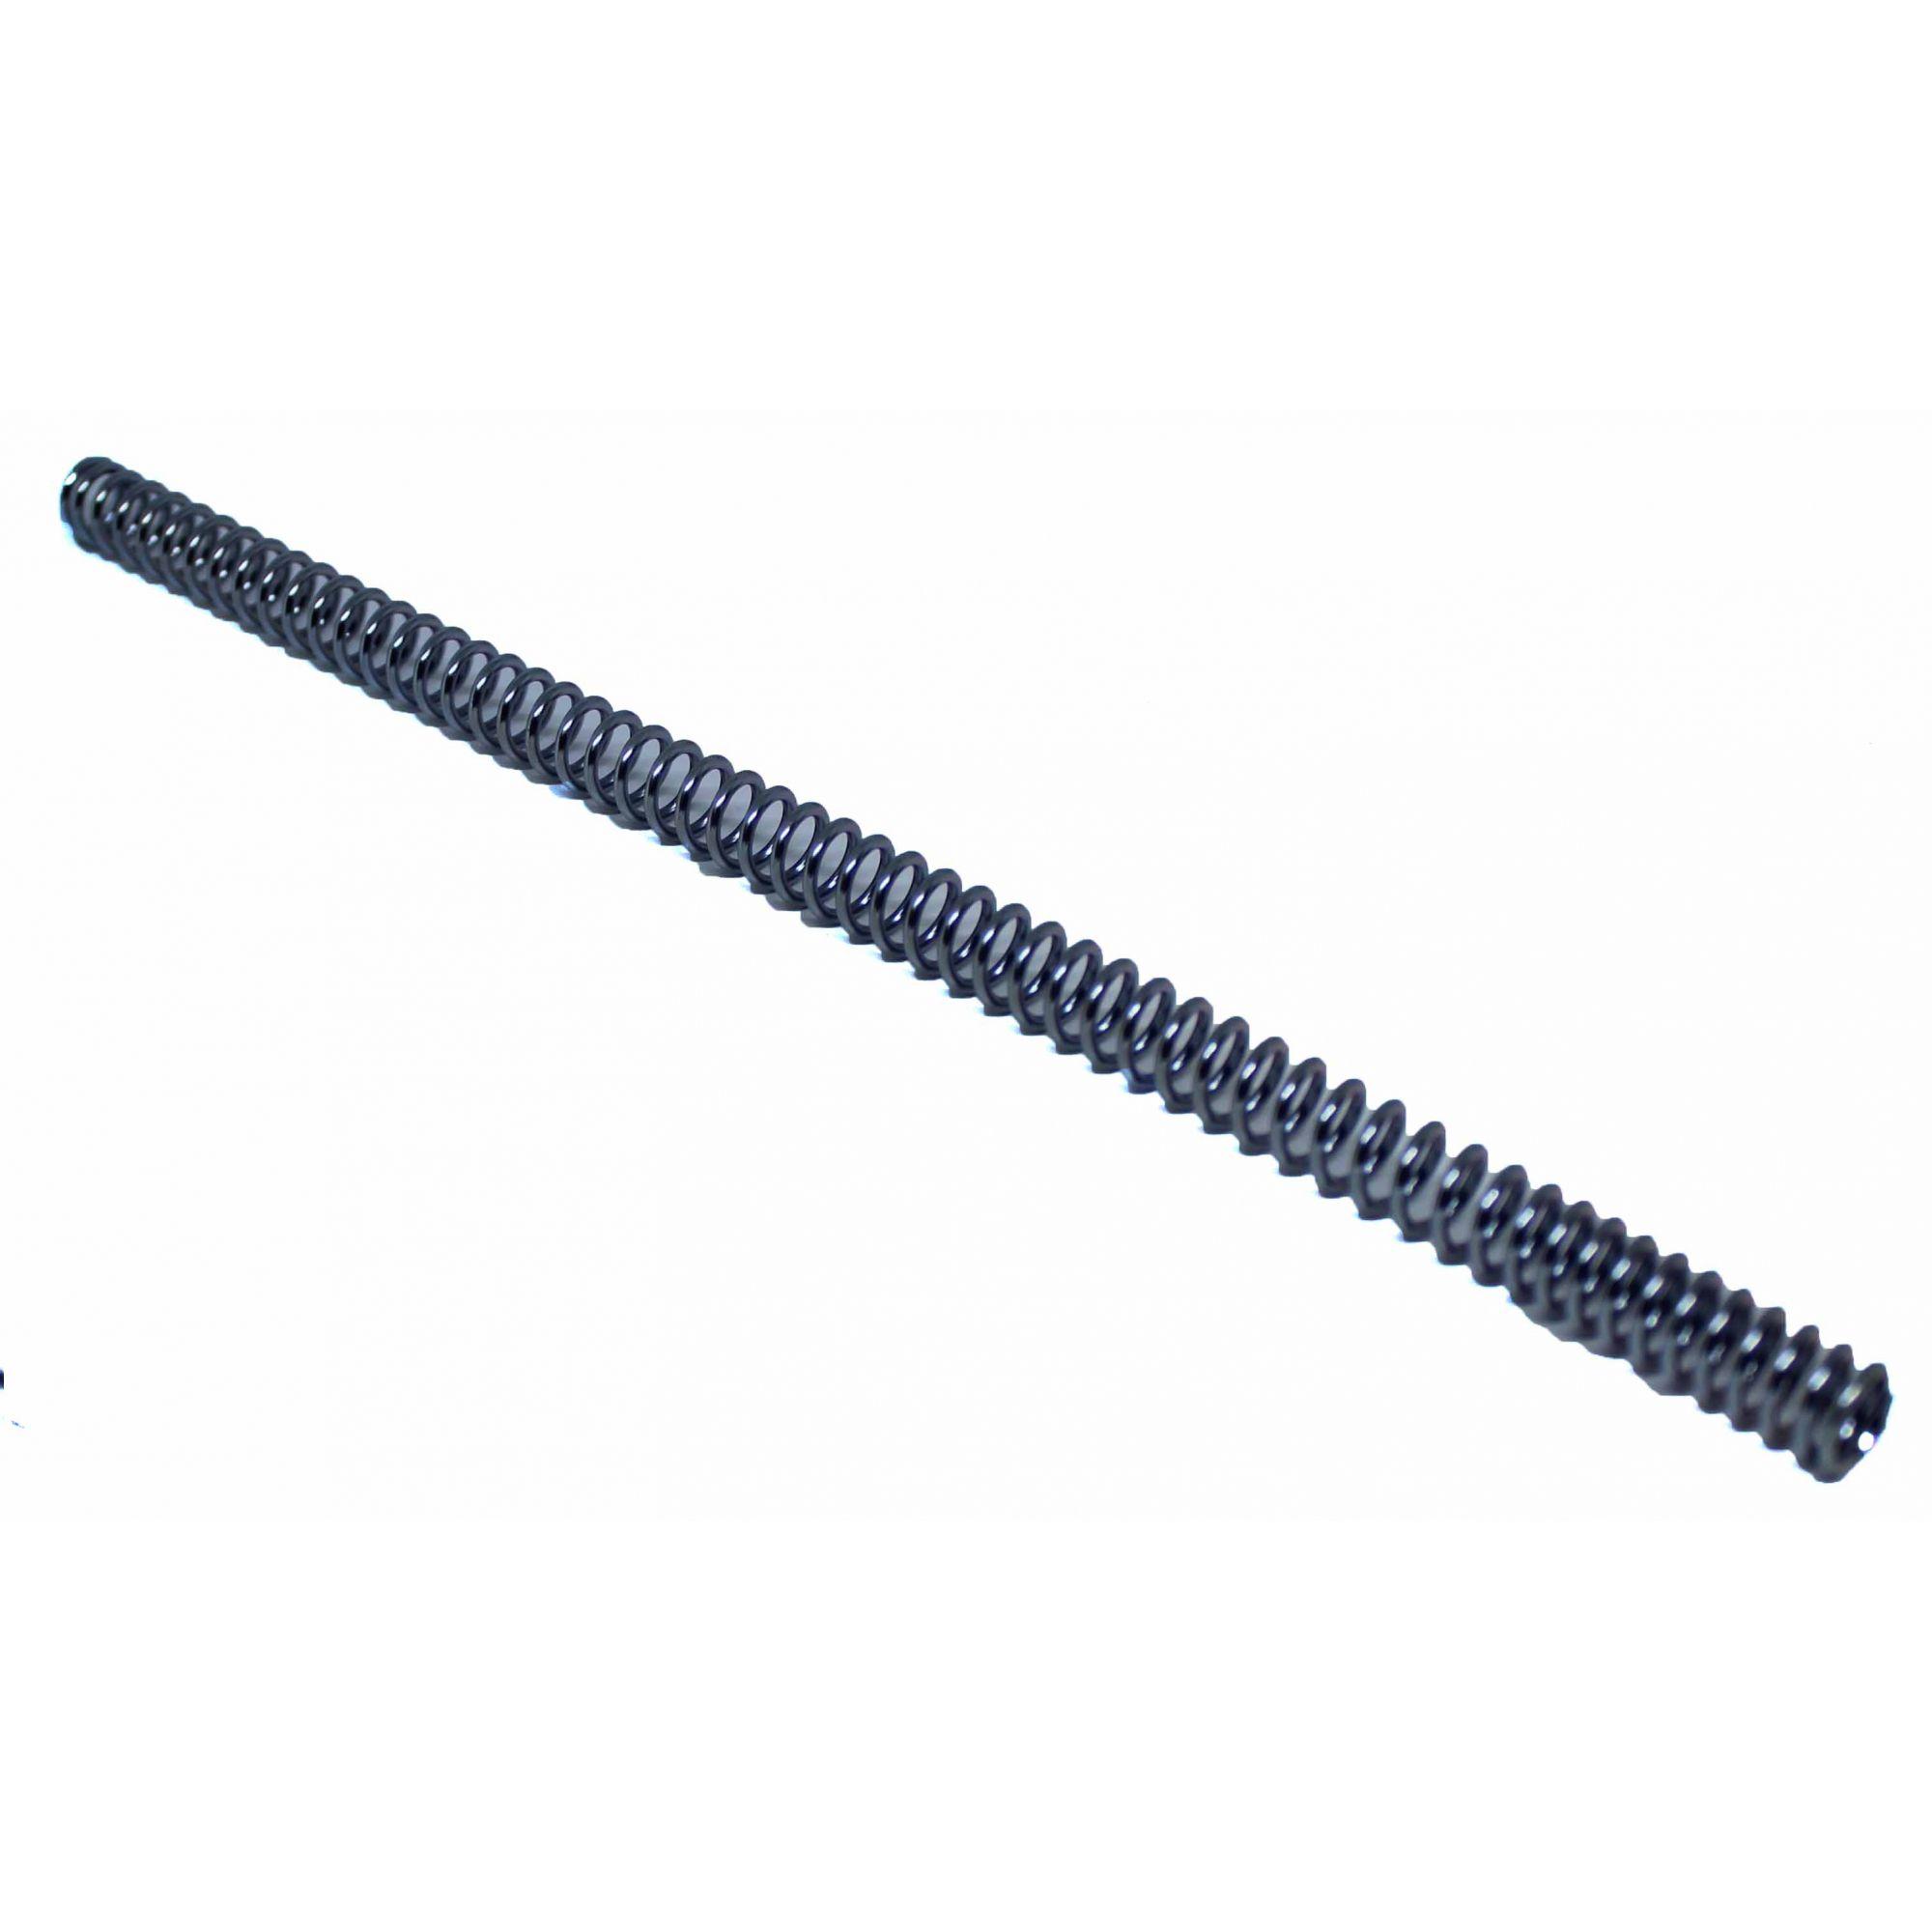 Mola Passo Duplo M-160 (525 FPS) Sniper APS-2